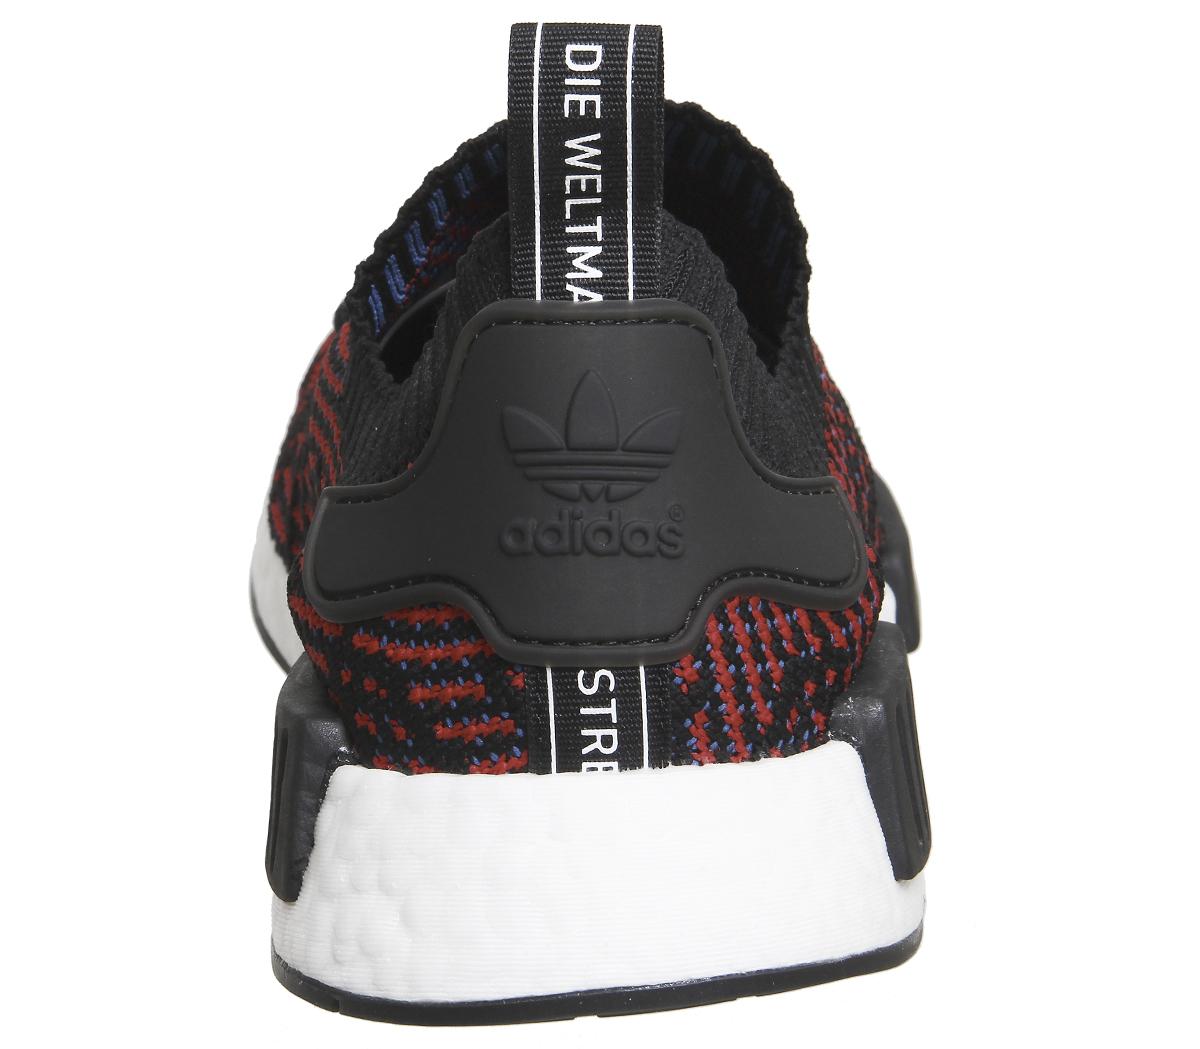 Adidas-Nmd-R1-Knit-Core-Nero-Prime-Scarpe-da-ginnastica-Rosso